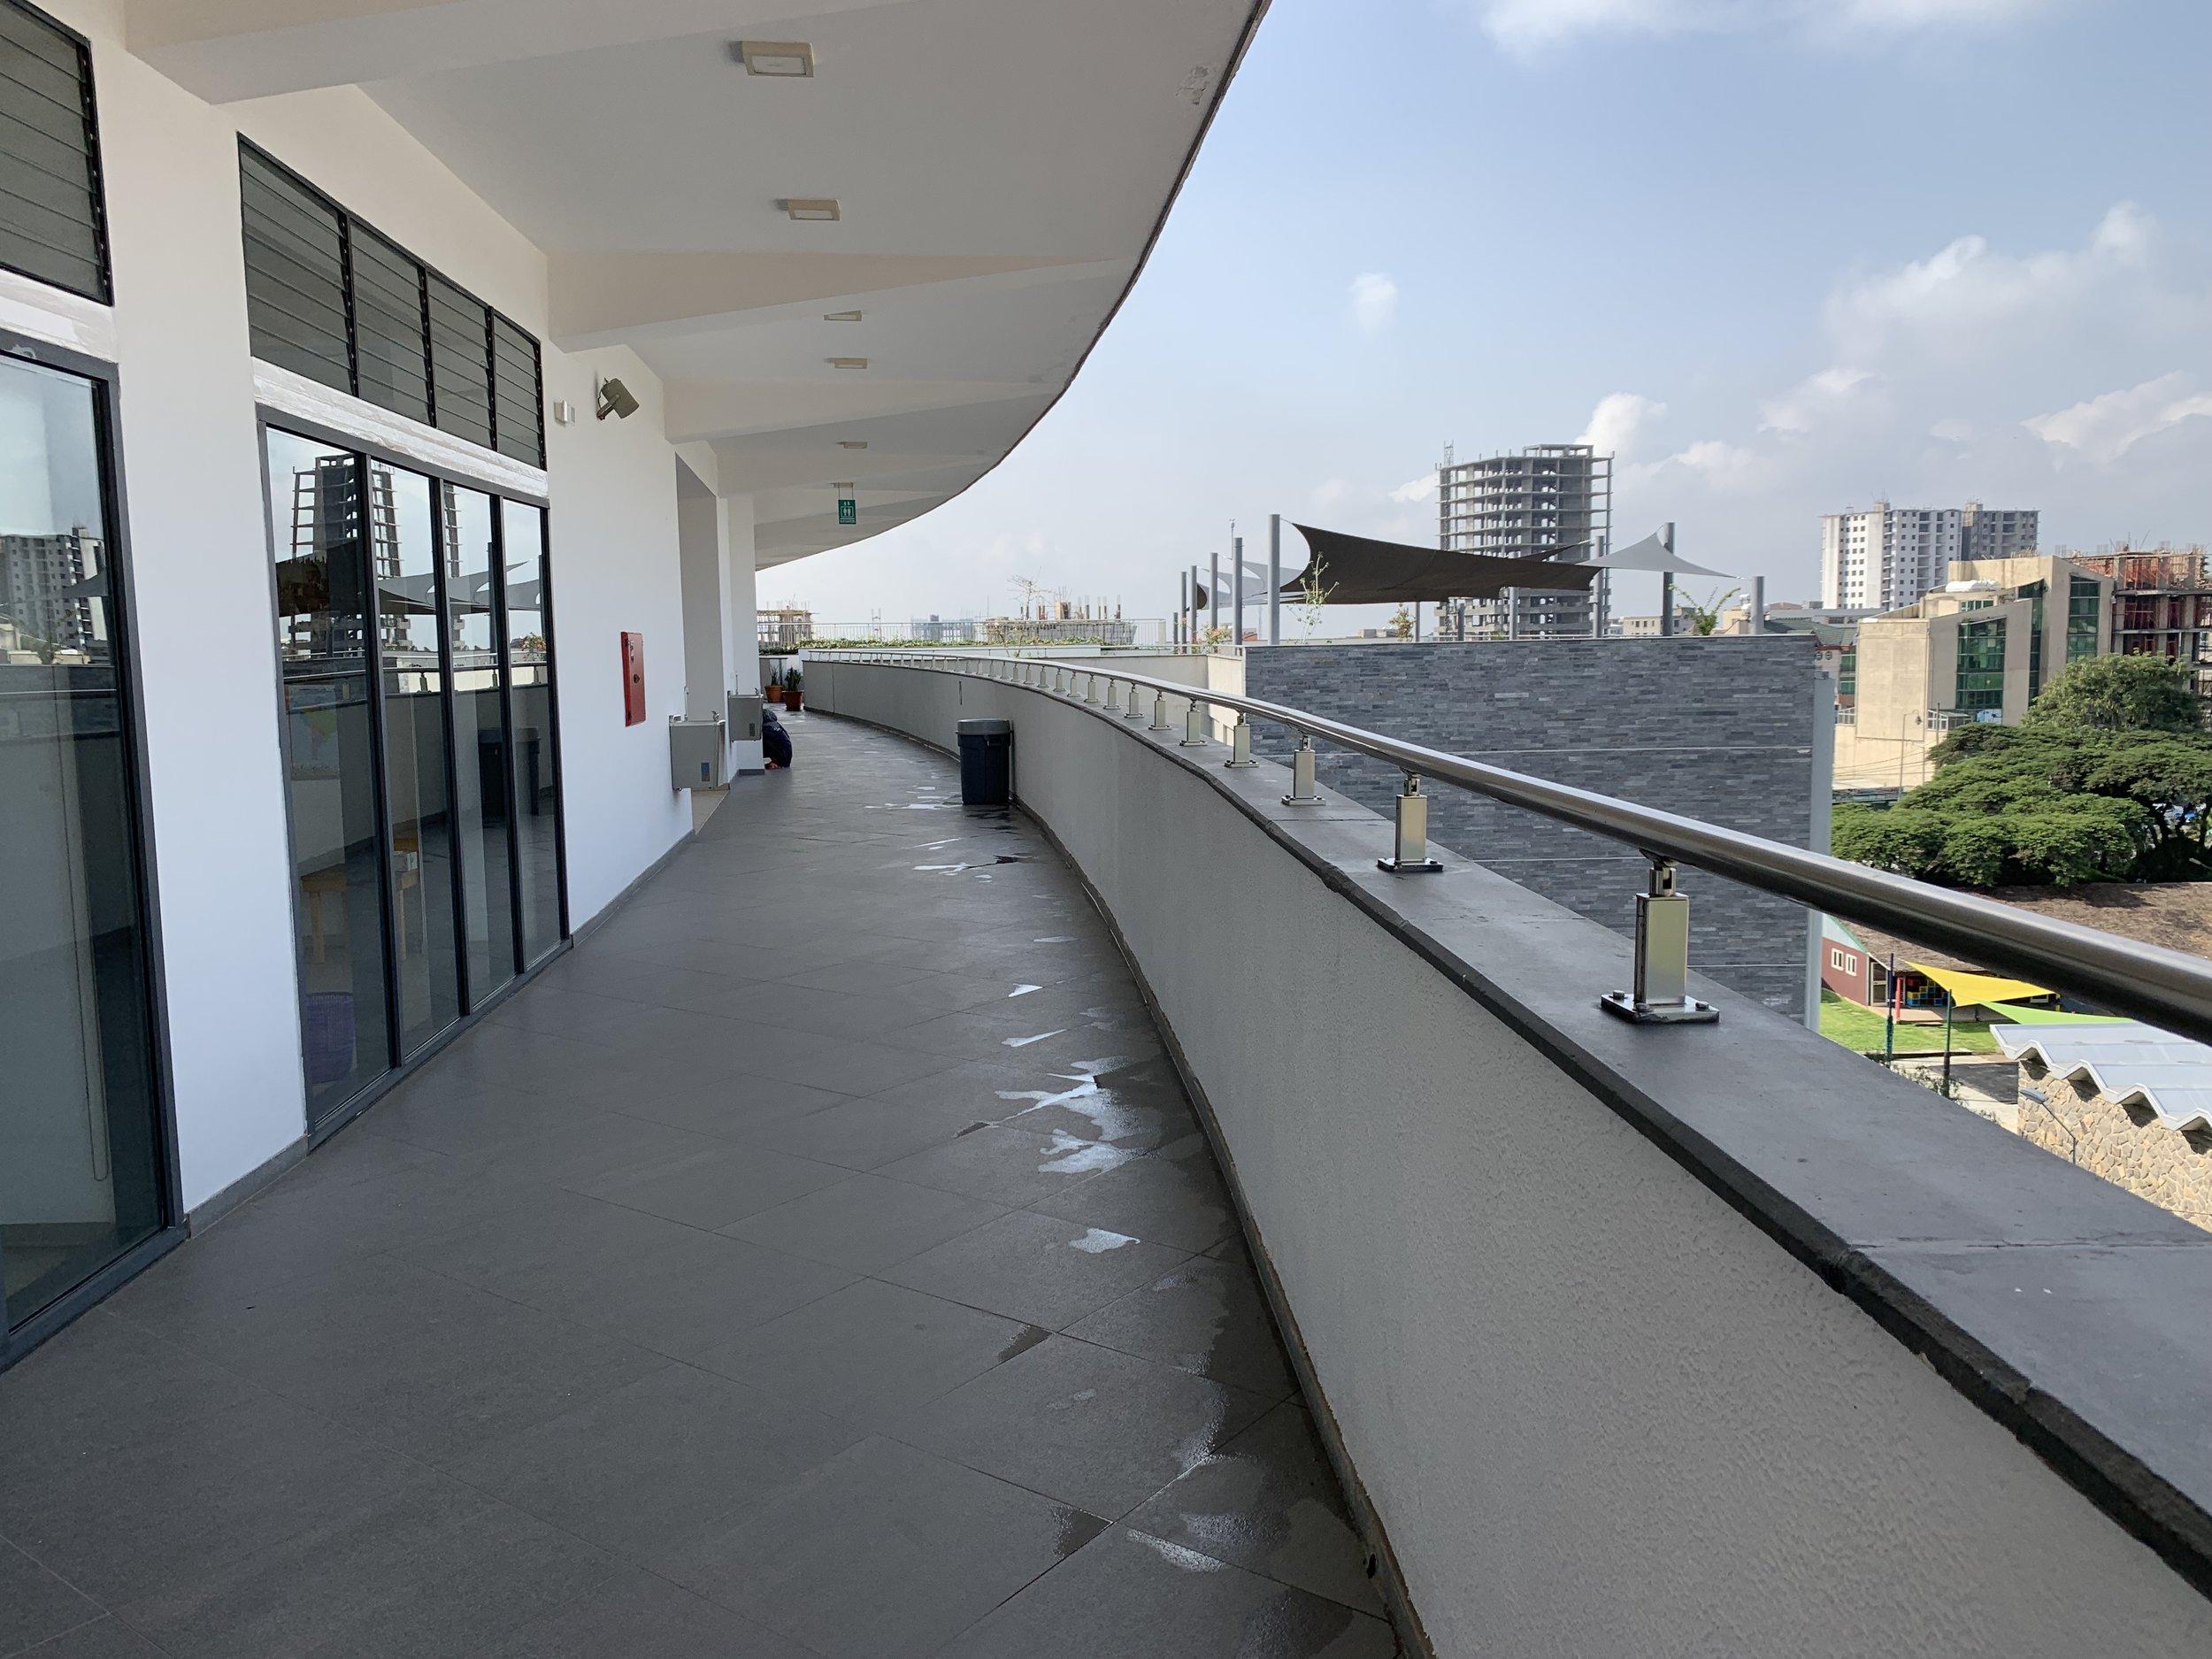 Fourth_floor_Middle_School.jpg